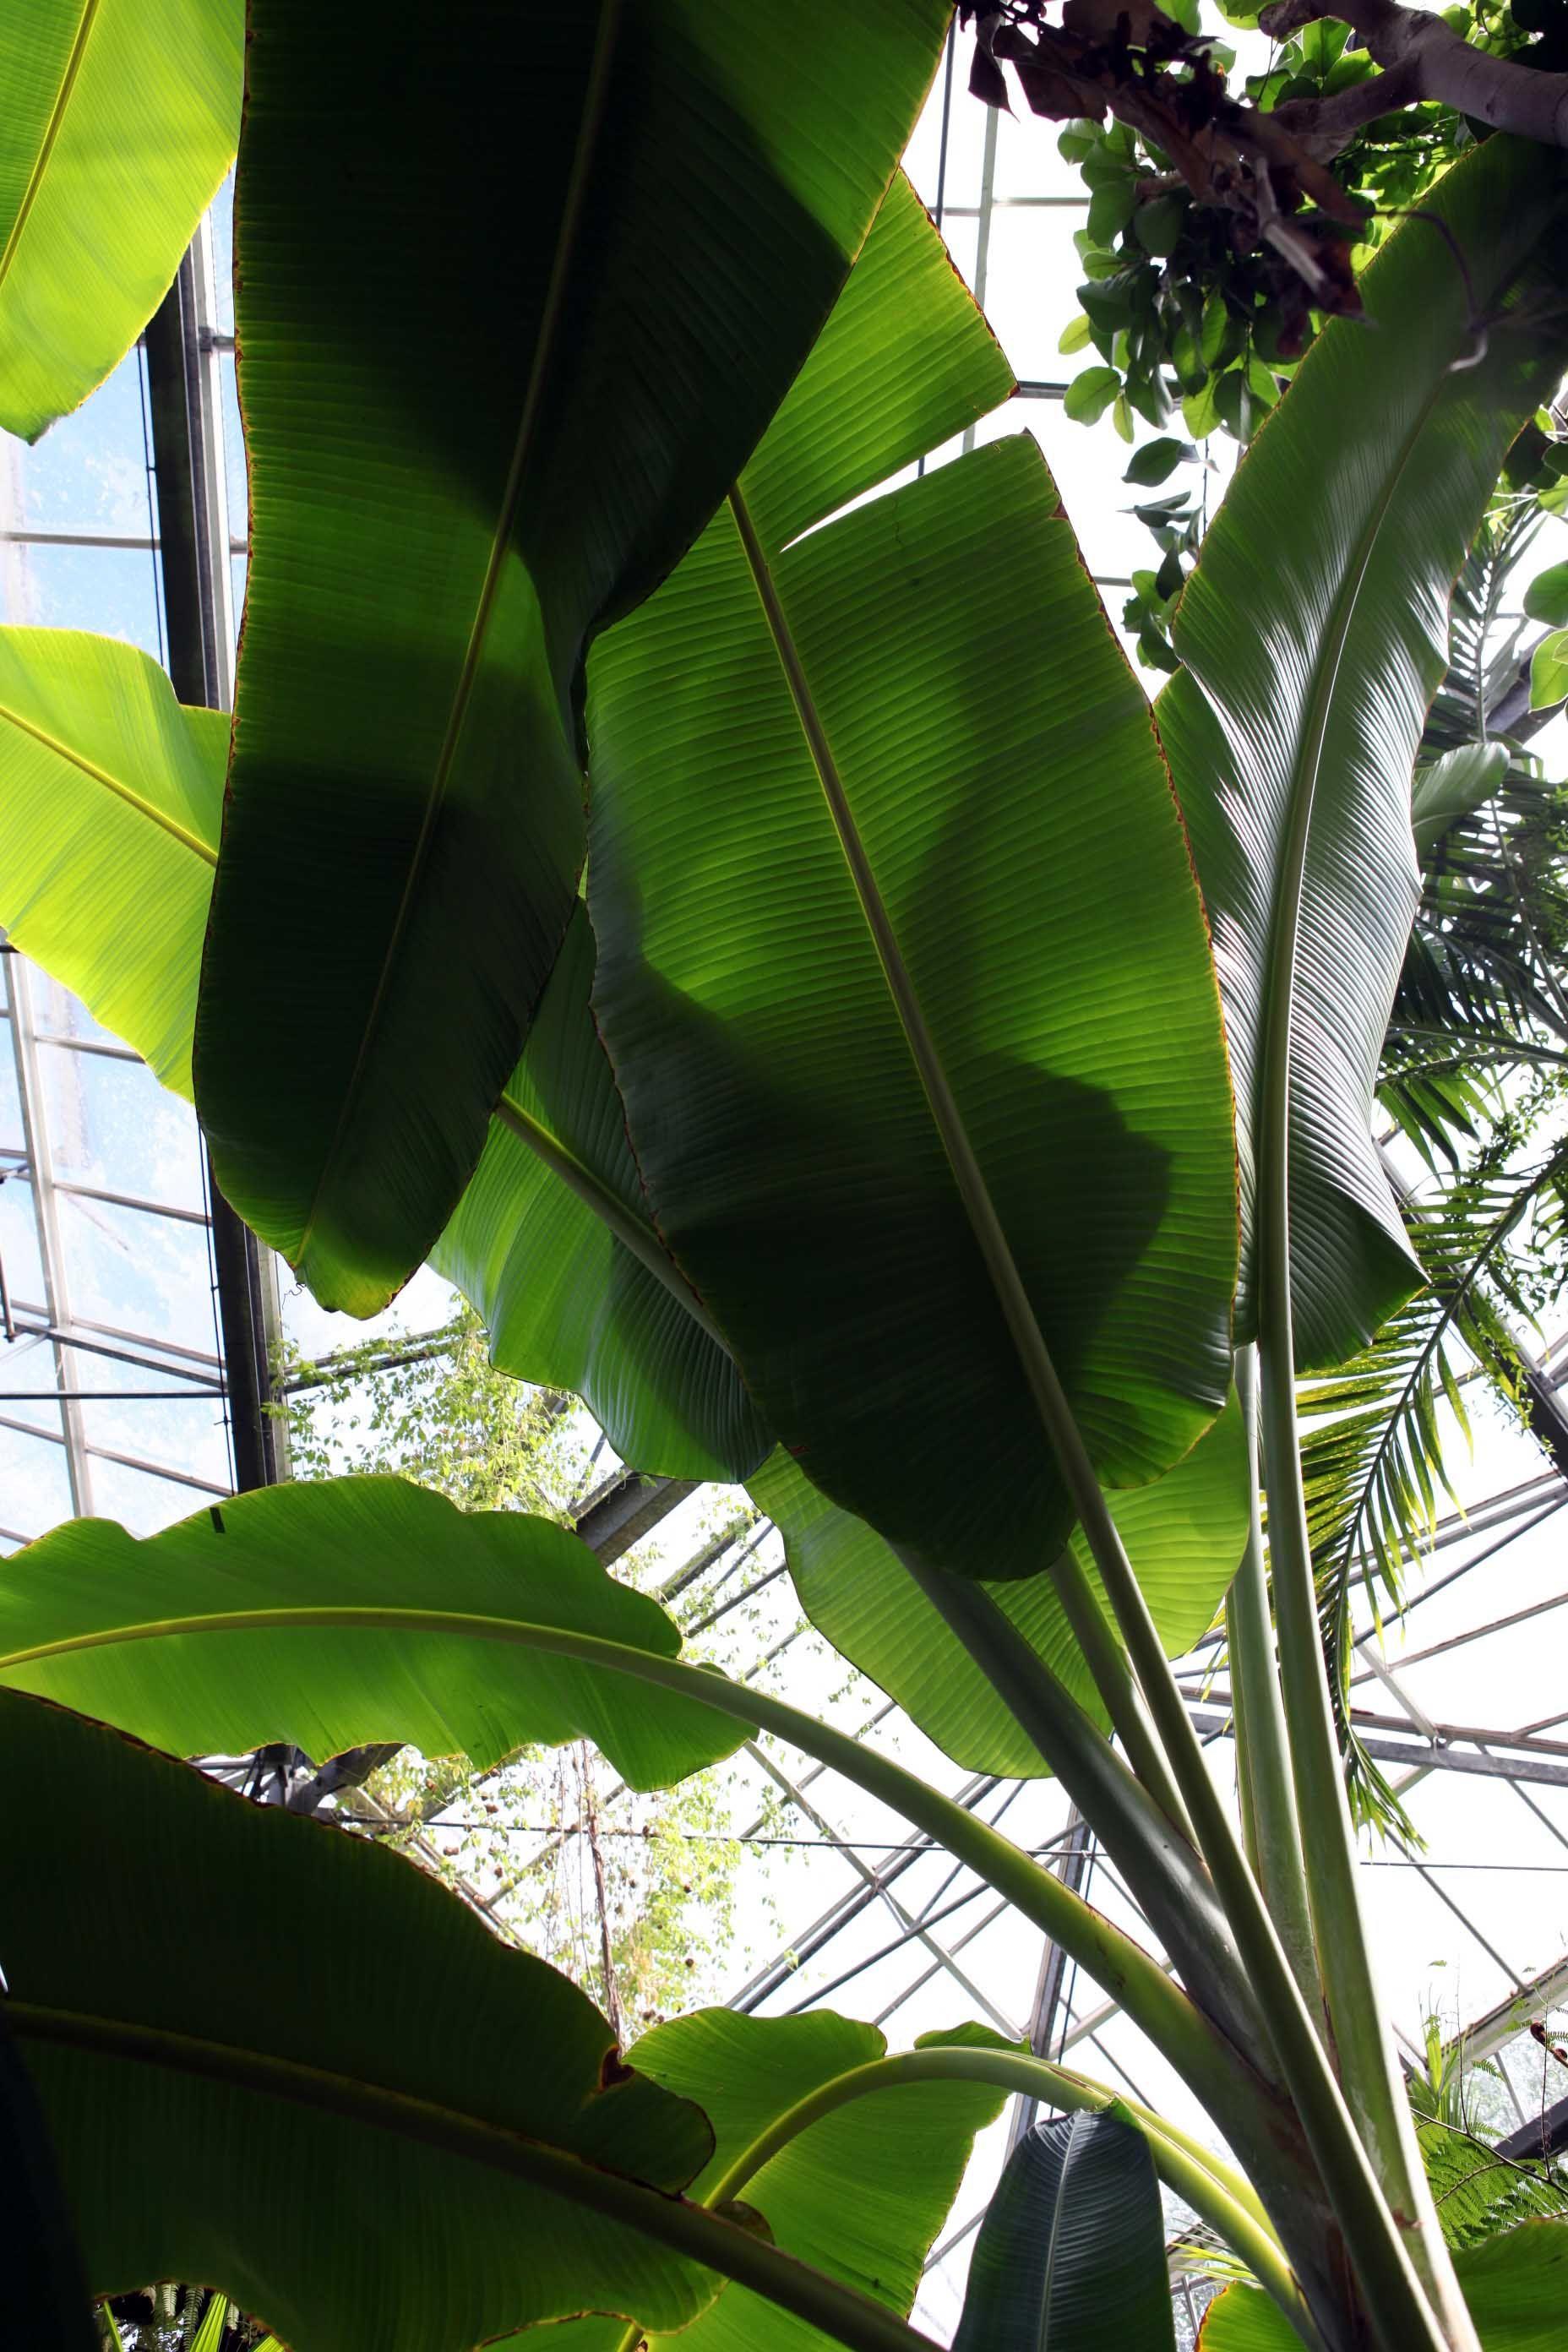 De Hortus Botanicus Amsterdam planten plants